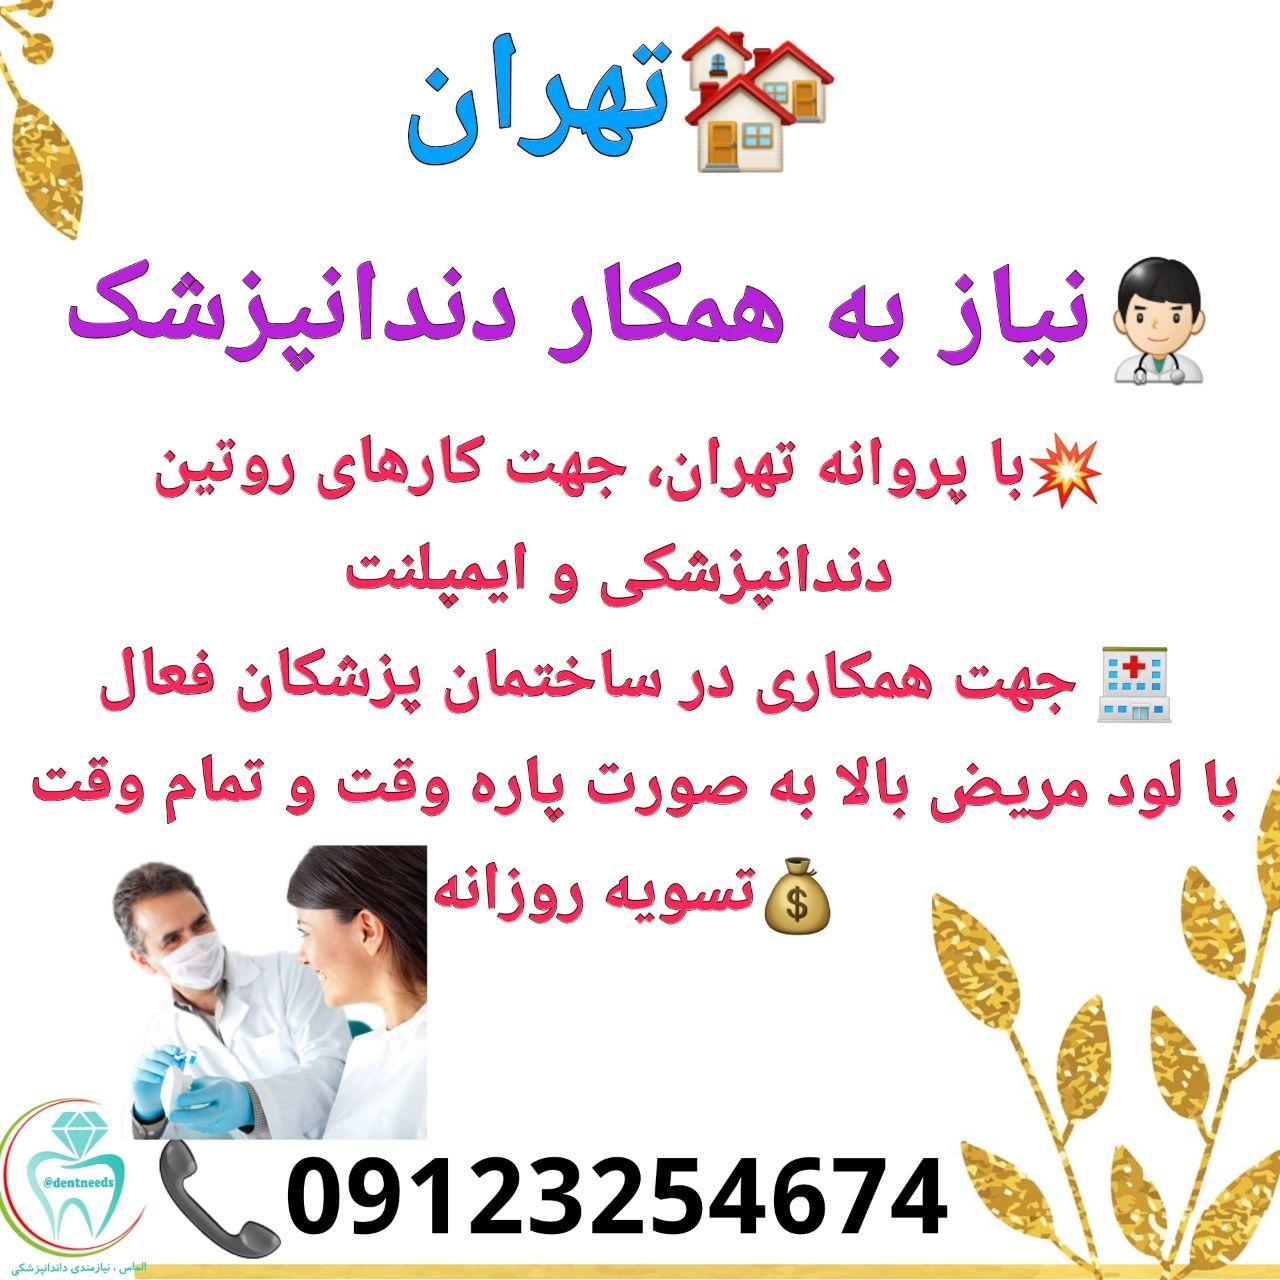 تهران، نیاز به همکار دندانپزشک